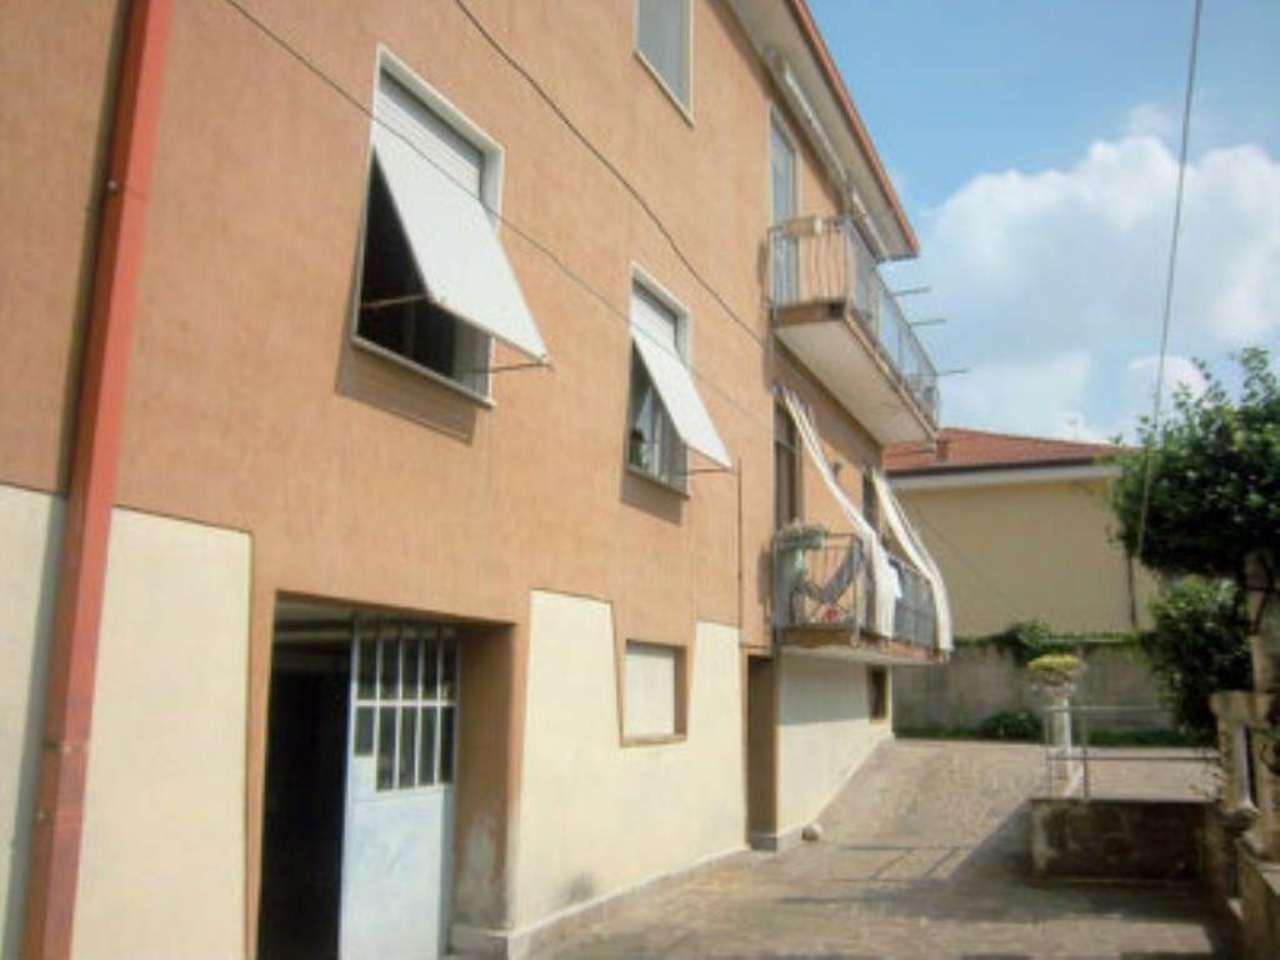 Appartamento in vendita a Gorgonzola, 3 locali, prezzo € 130.000   CambioCasa.it